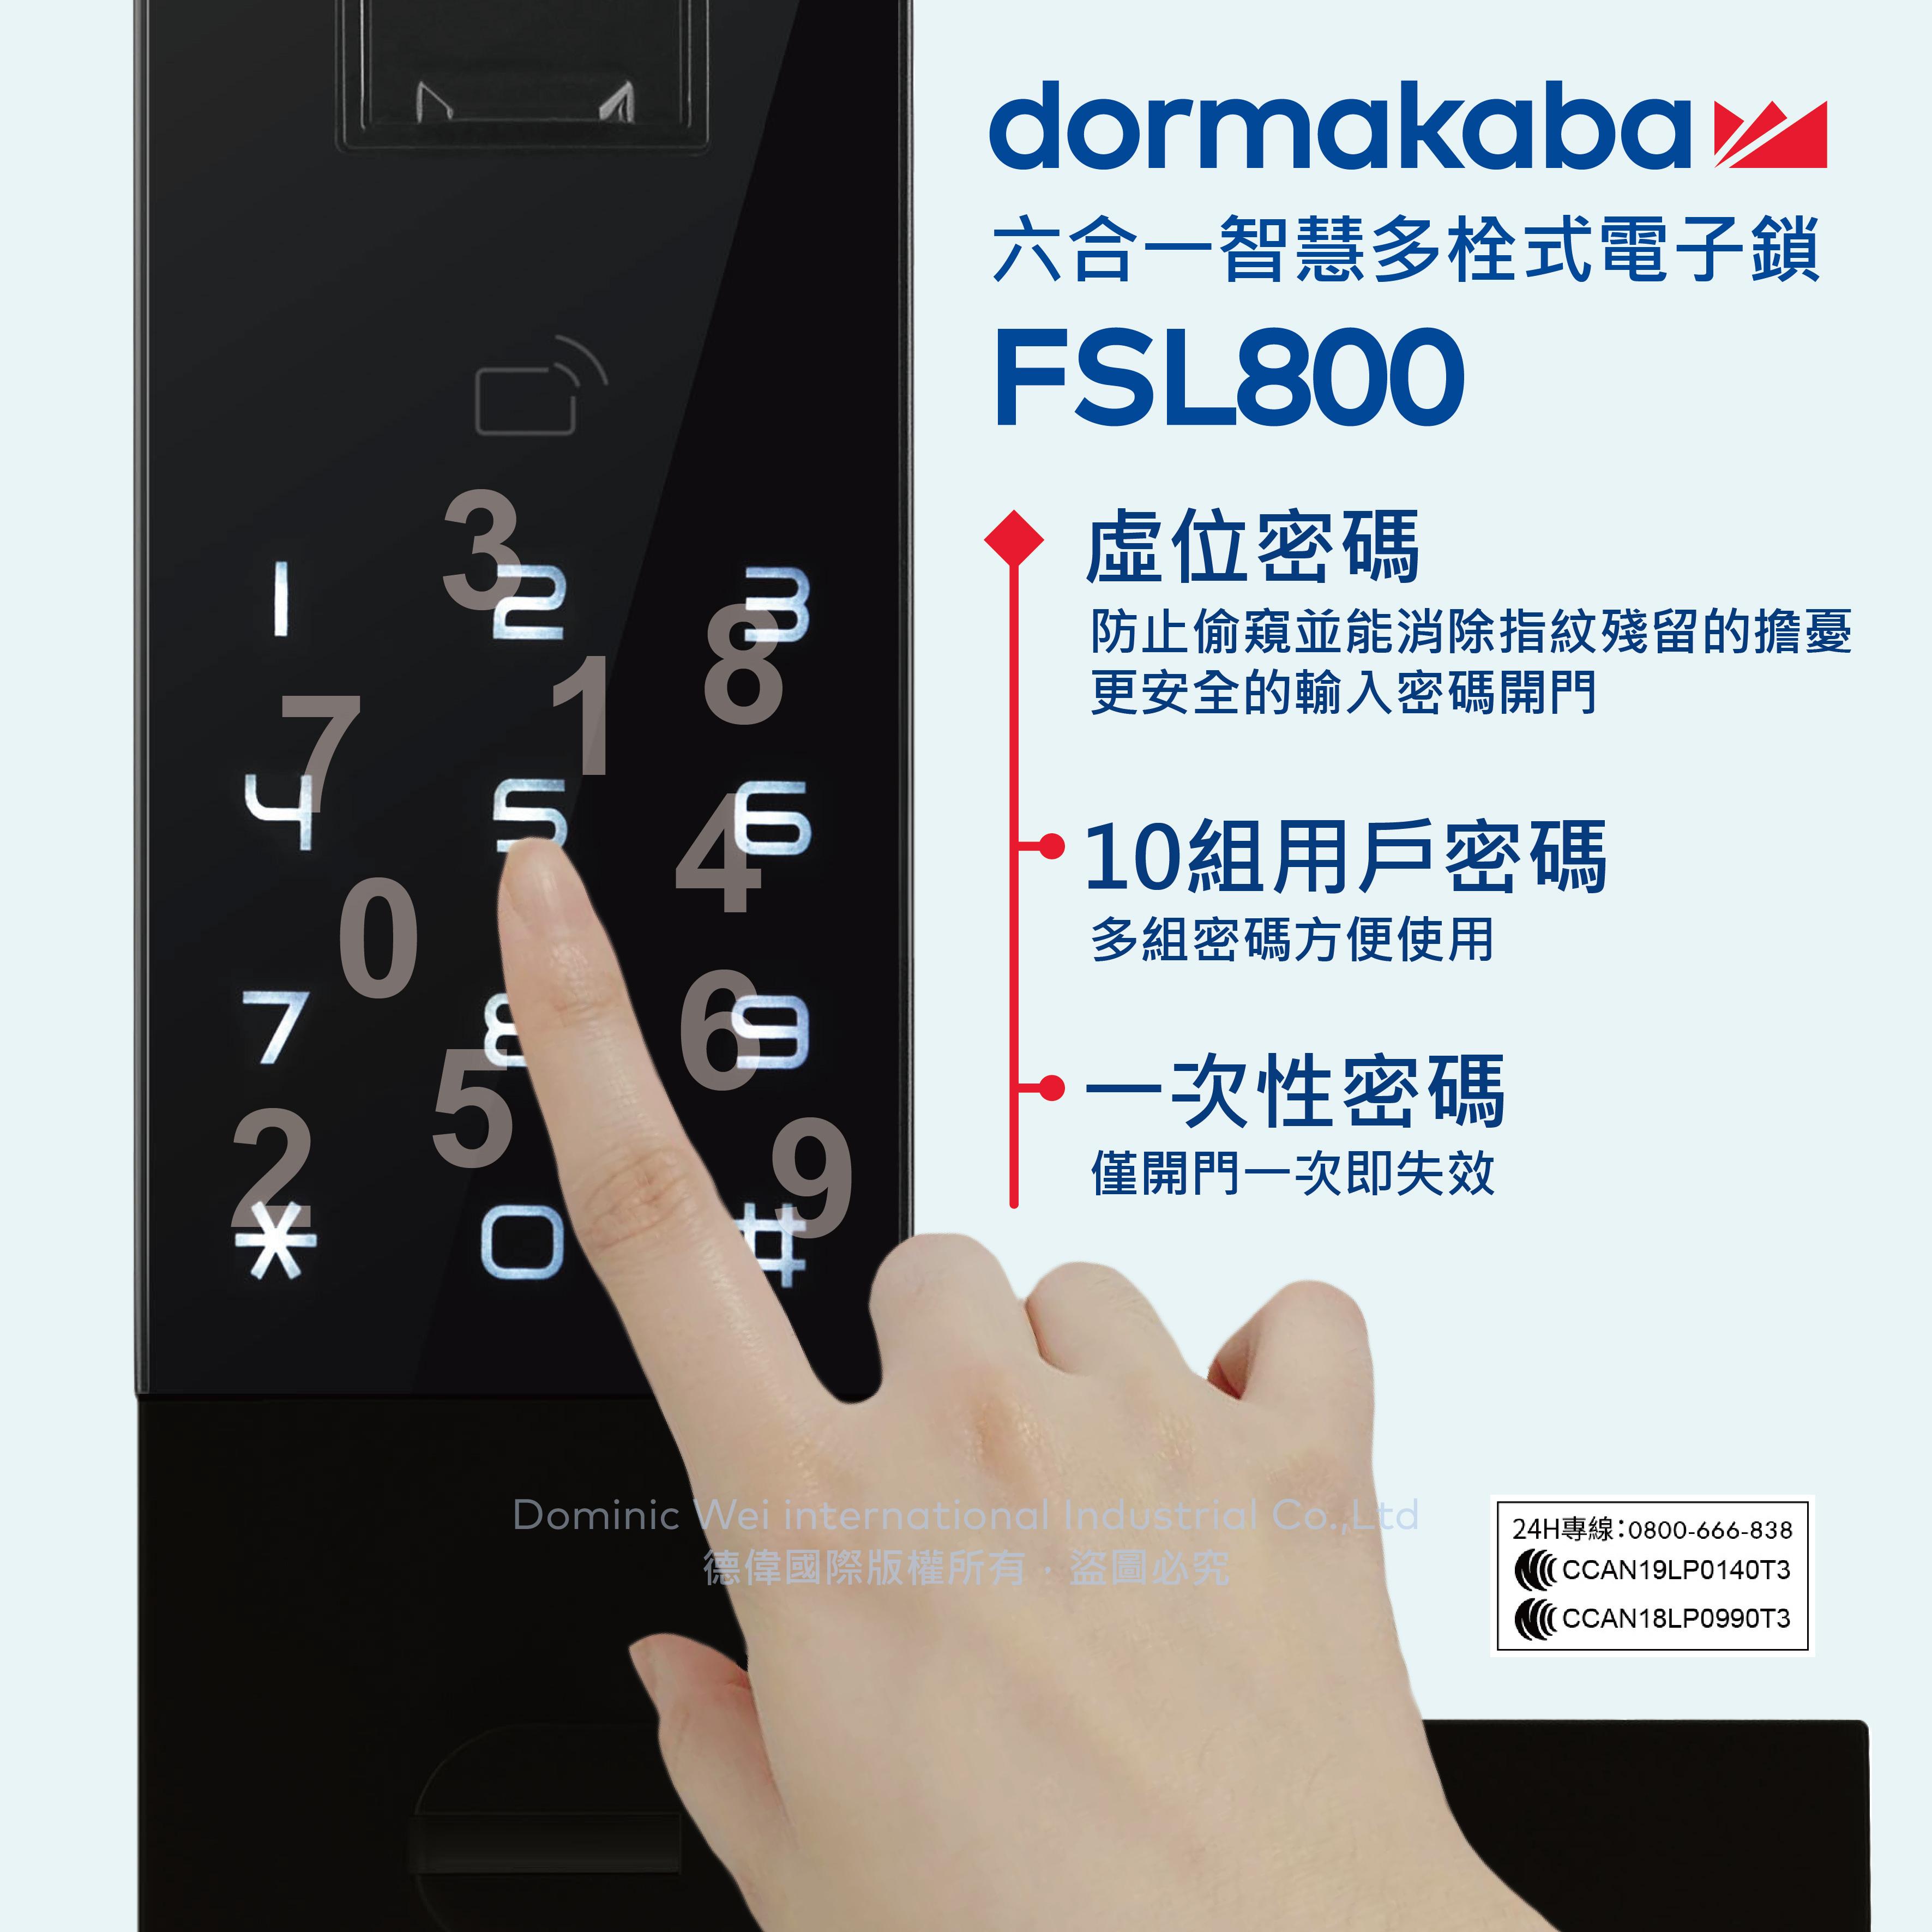 FSL800 bunner簡約版3-01.jpg